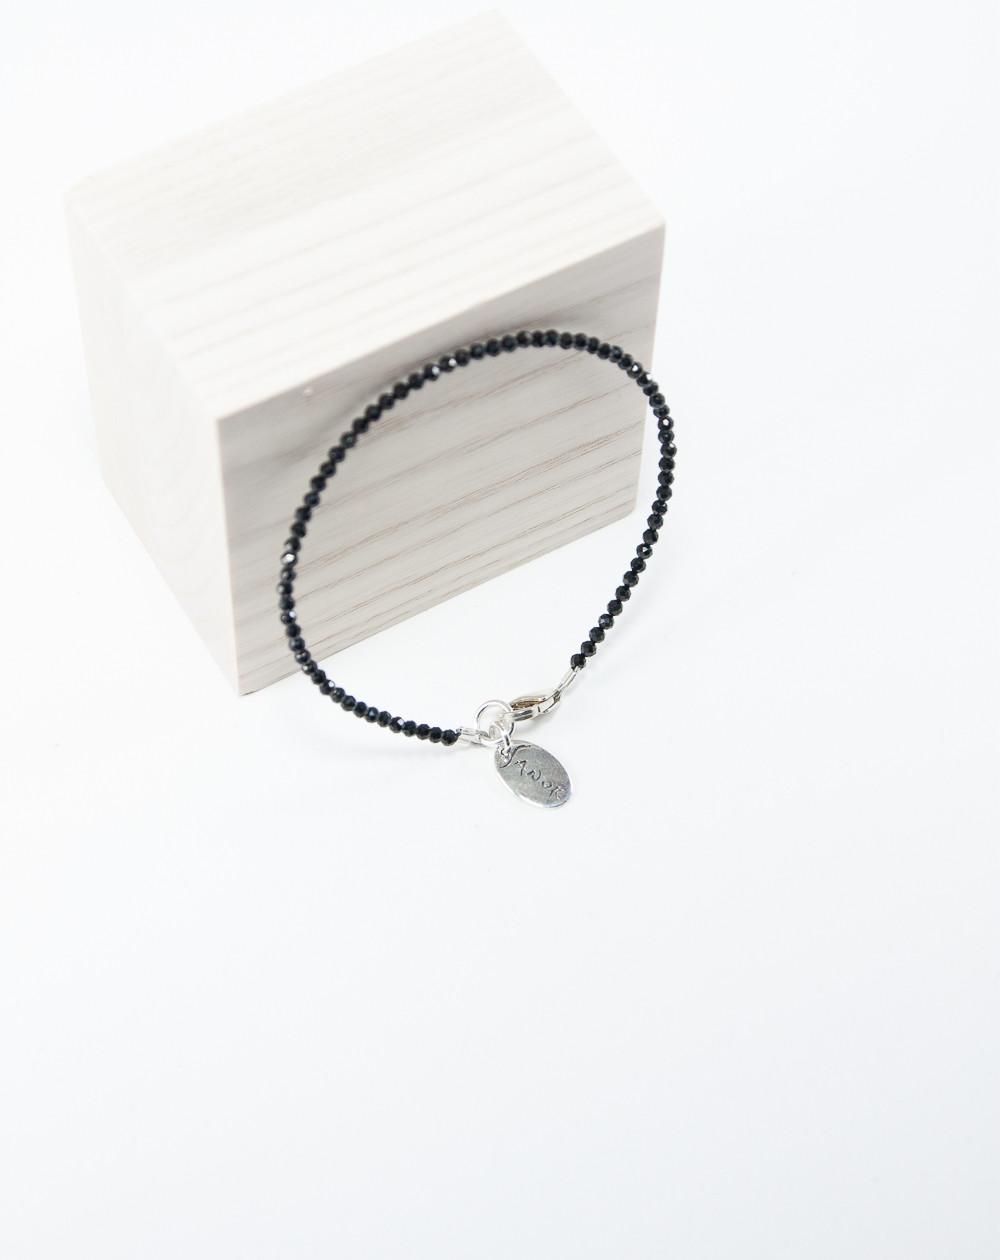 Bracelet fin en Spinelle Noir, Créateurs Français. Sanuk Création